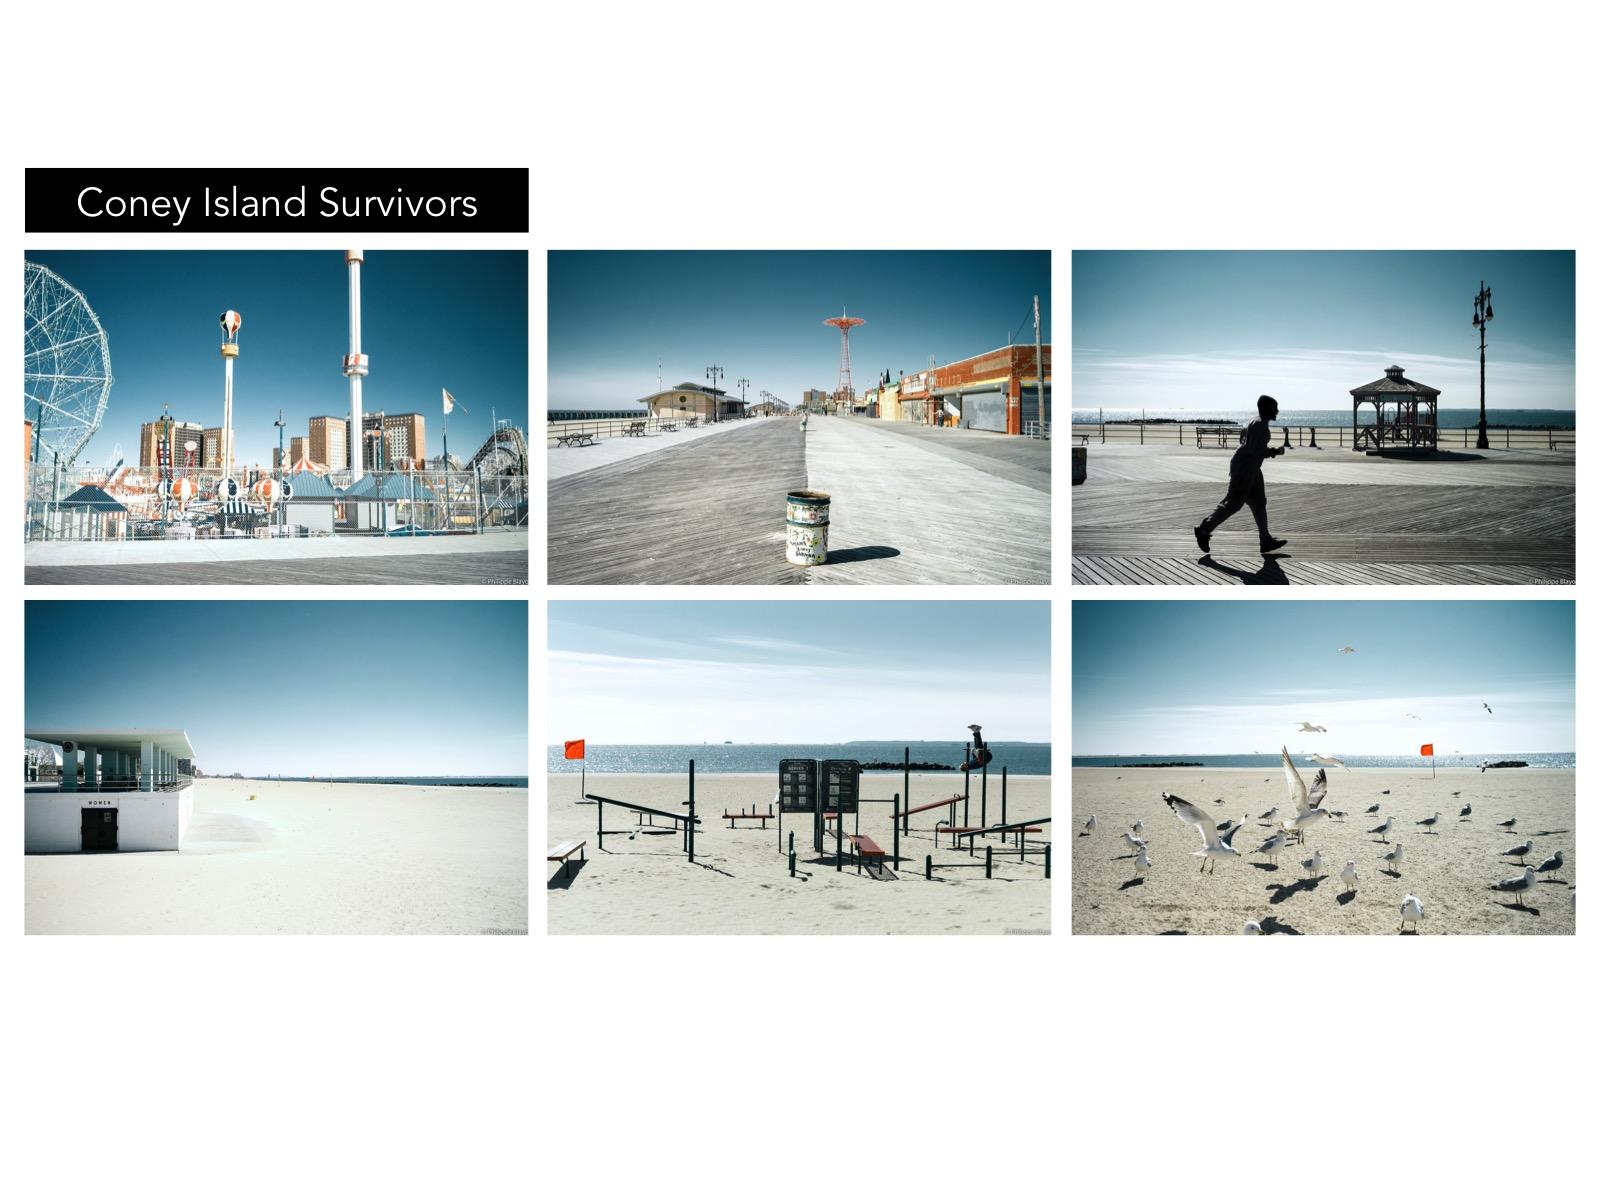 Scénographie_Coney_Island_Survivors